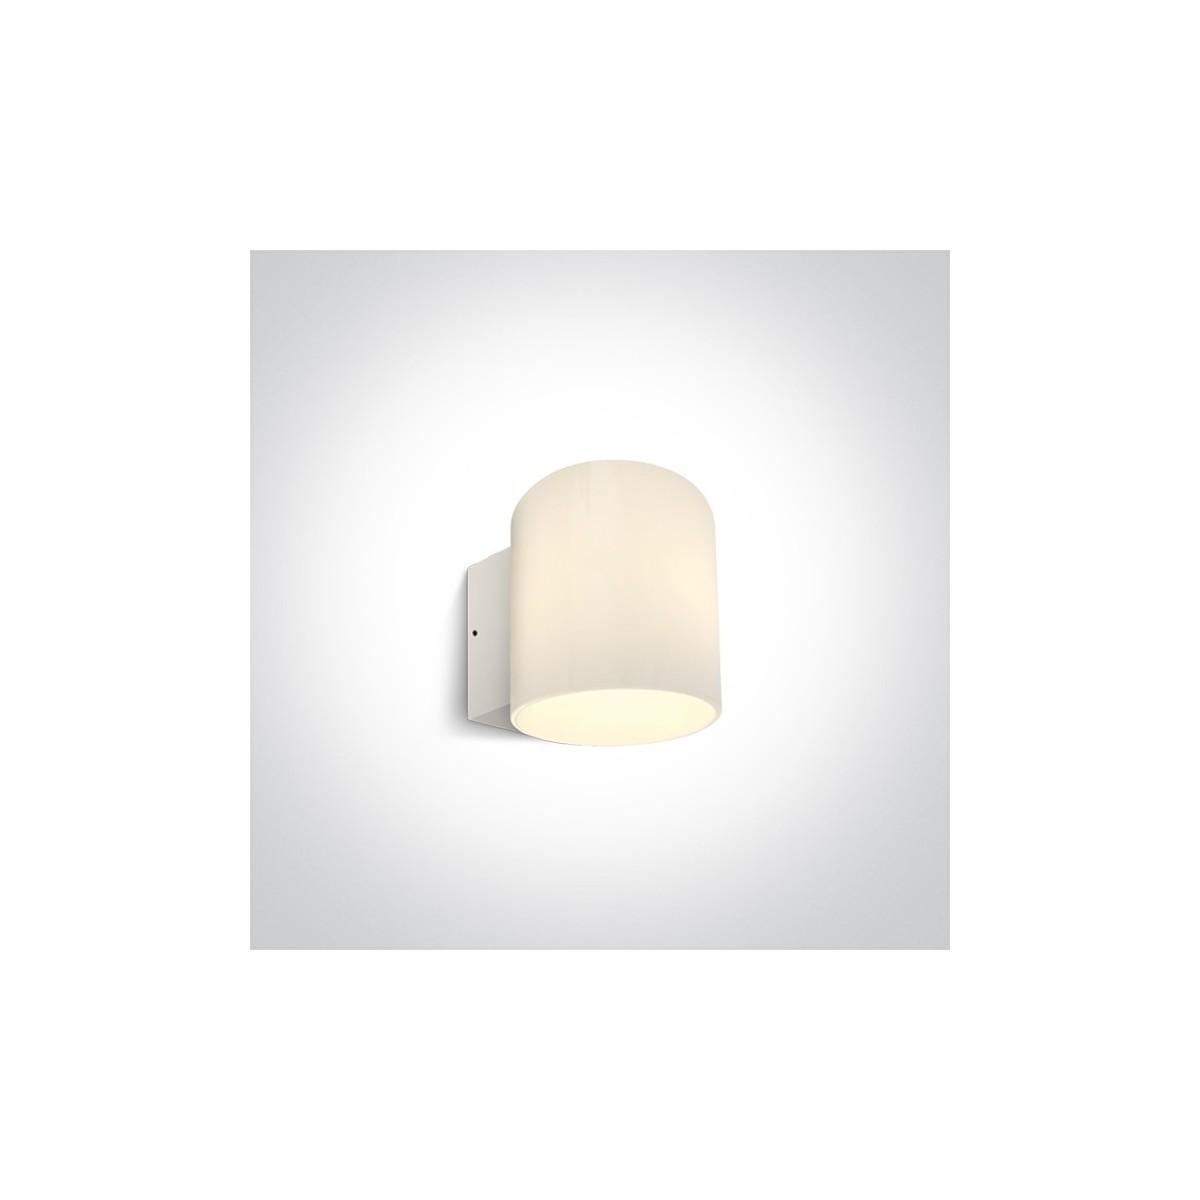 One Light biały kinkiet LED do domu ogrodu odporny na deszcz Chimadio 67468/W/W IP65